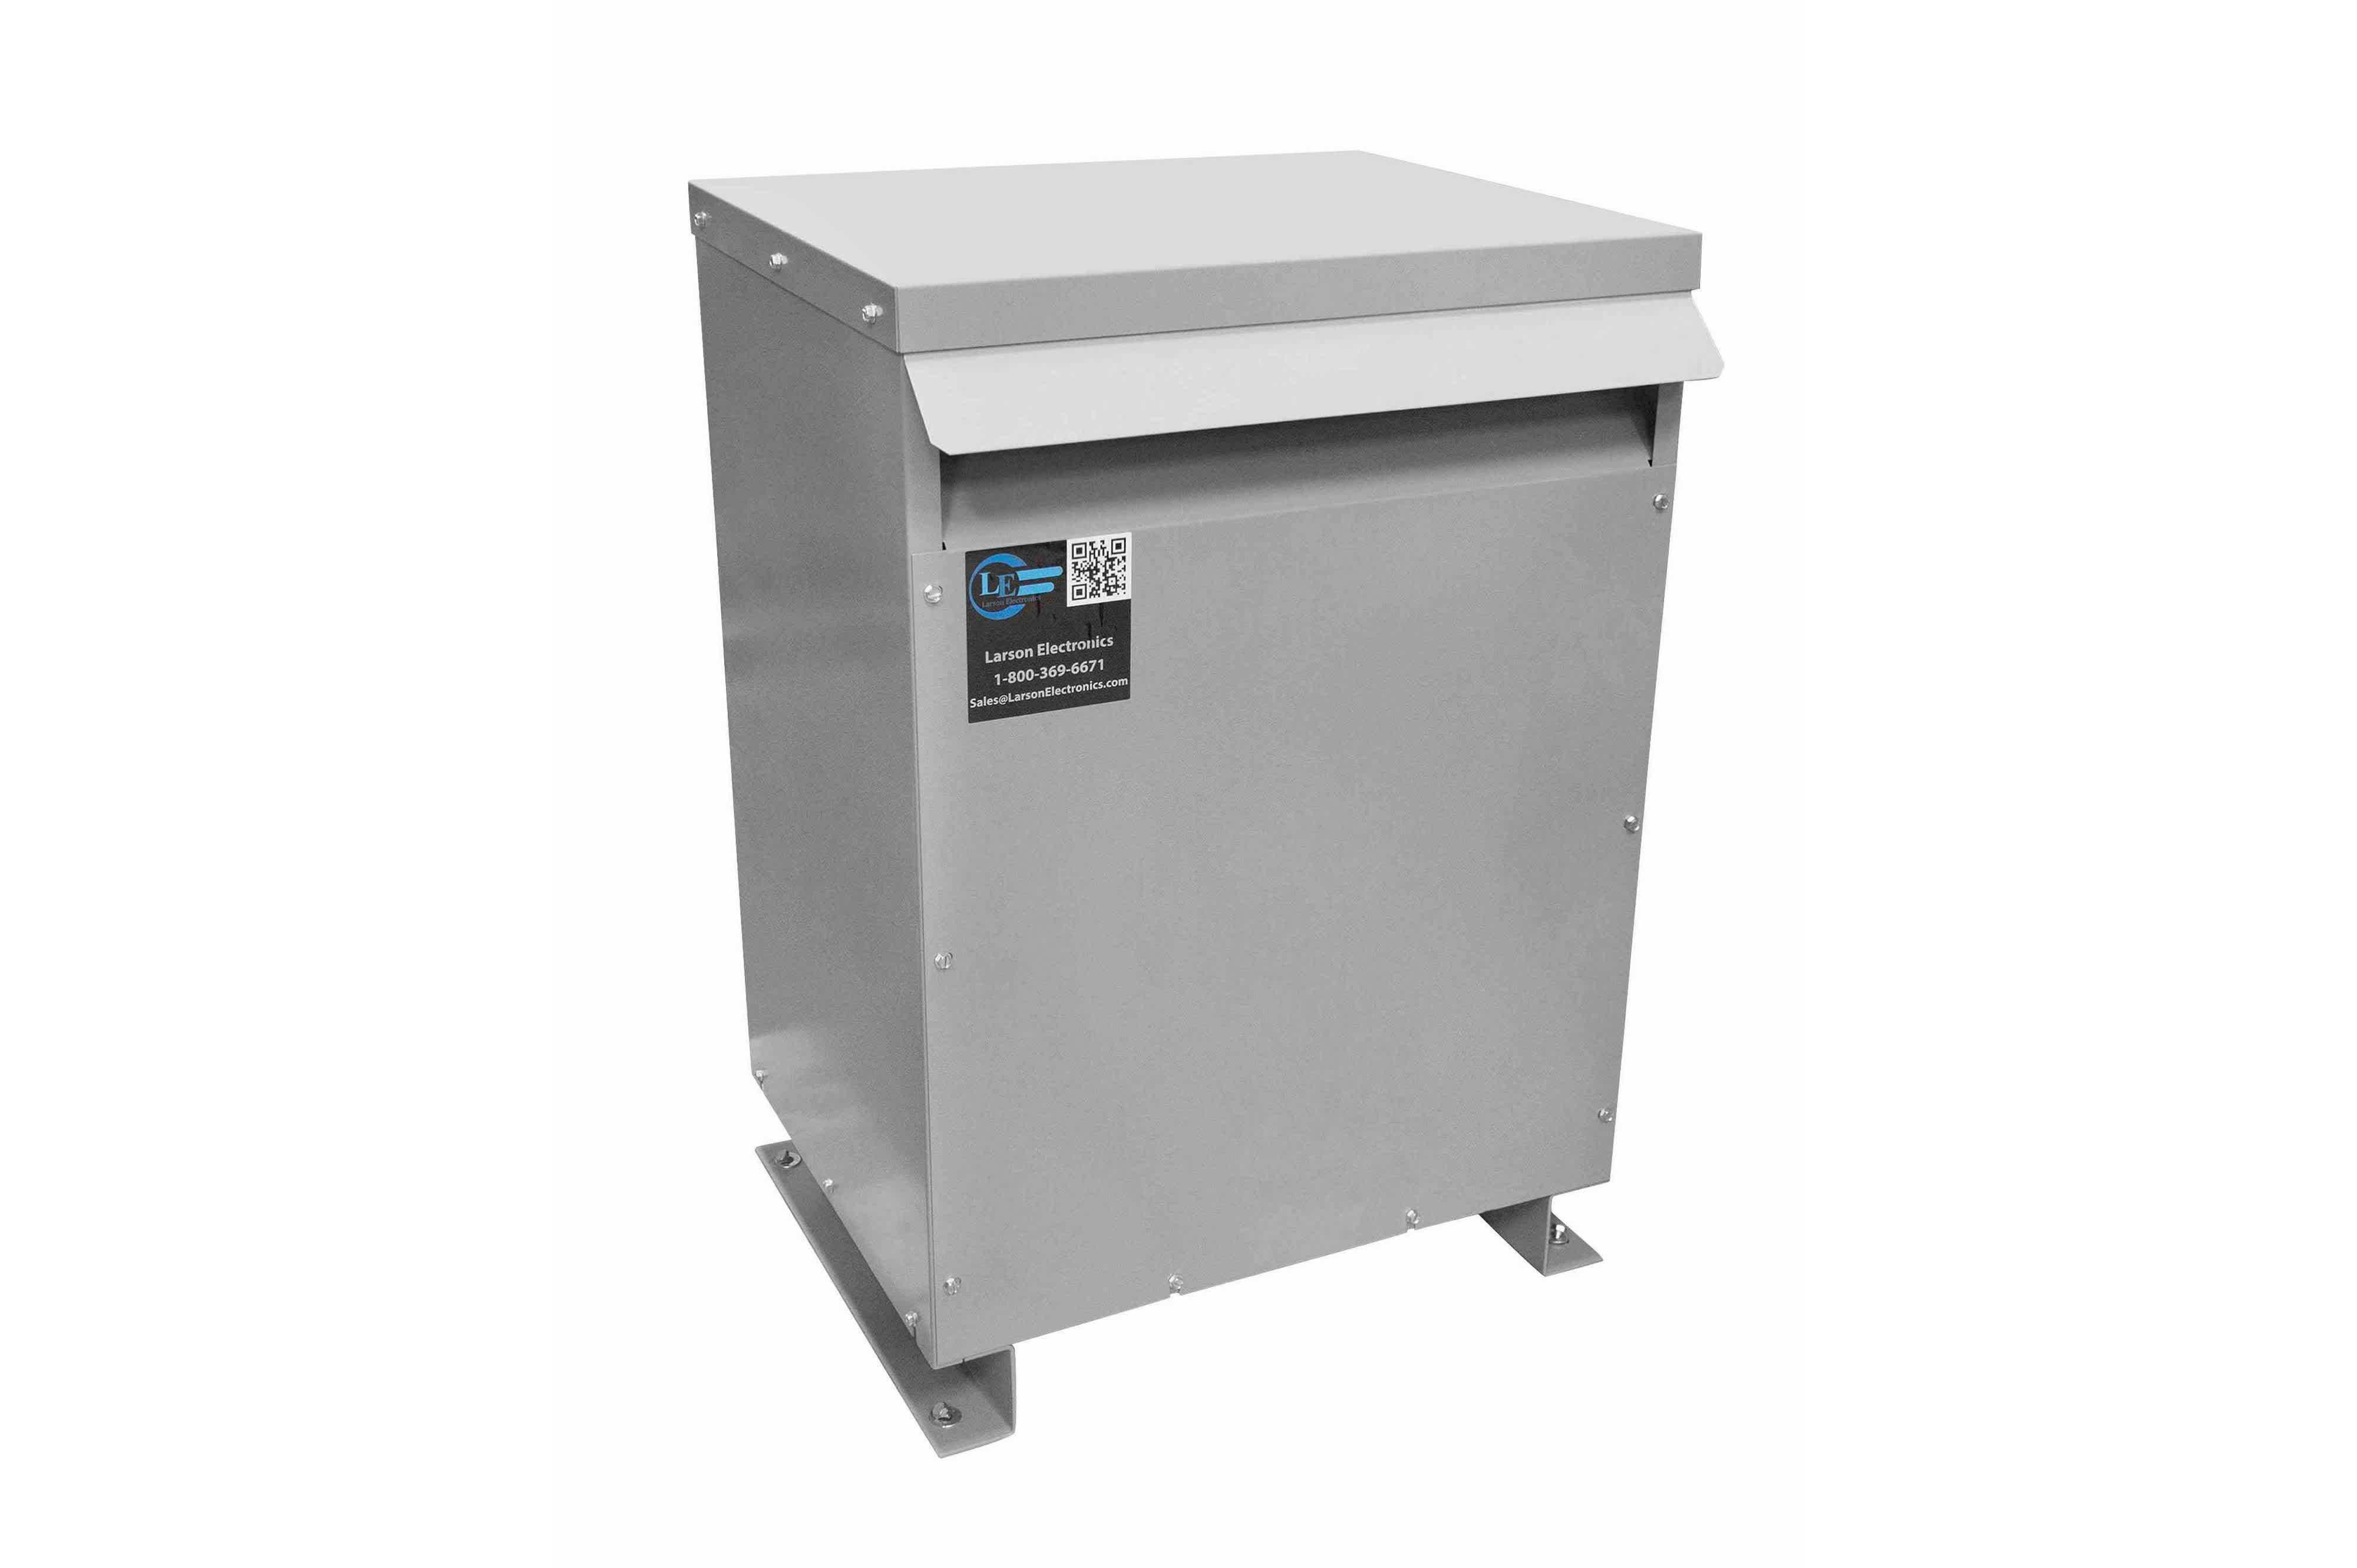 65 kVA 3PH Isolation Transformer, 575V Delta Primary, 400V Delta Secondary, N3R, Ventilated, 60 Hz